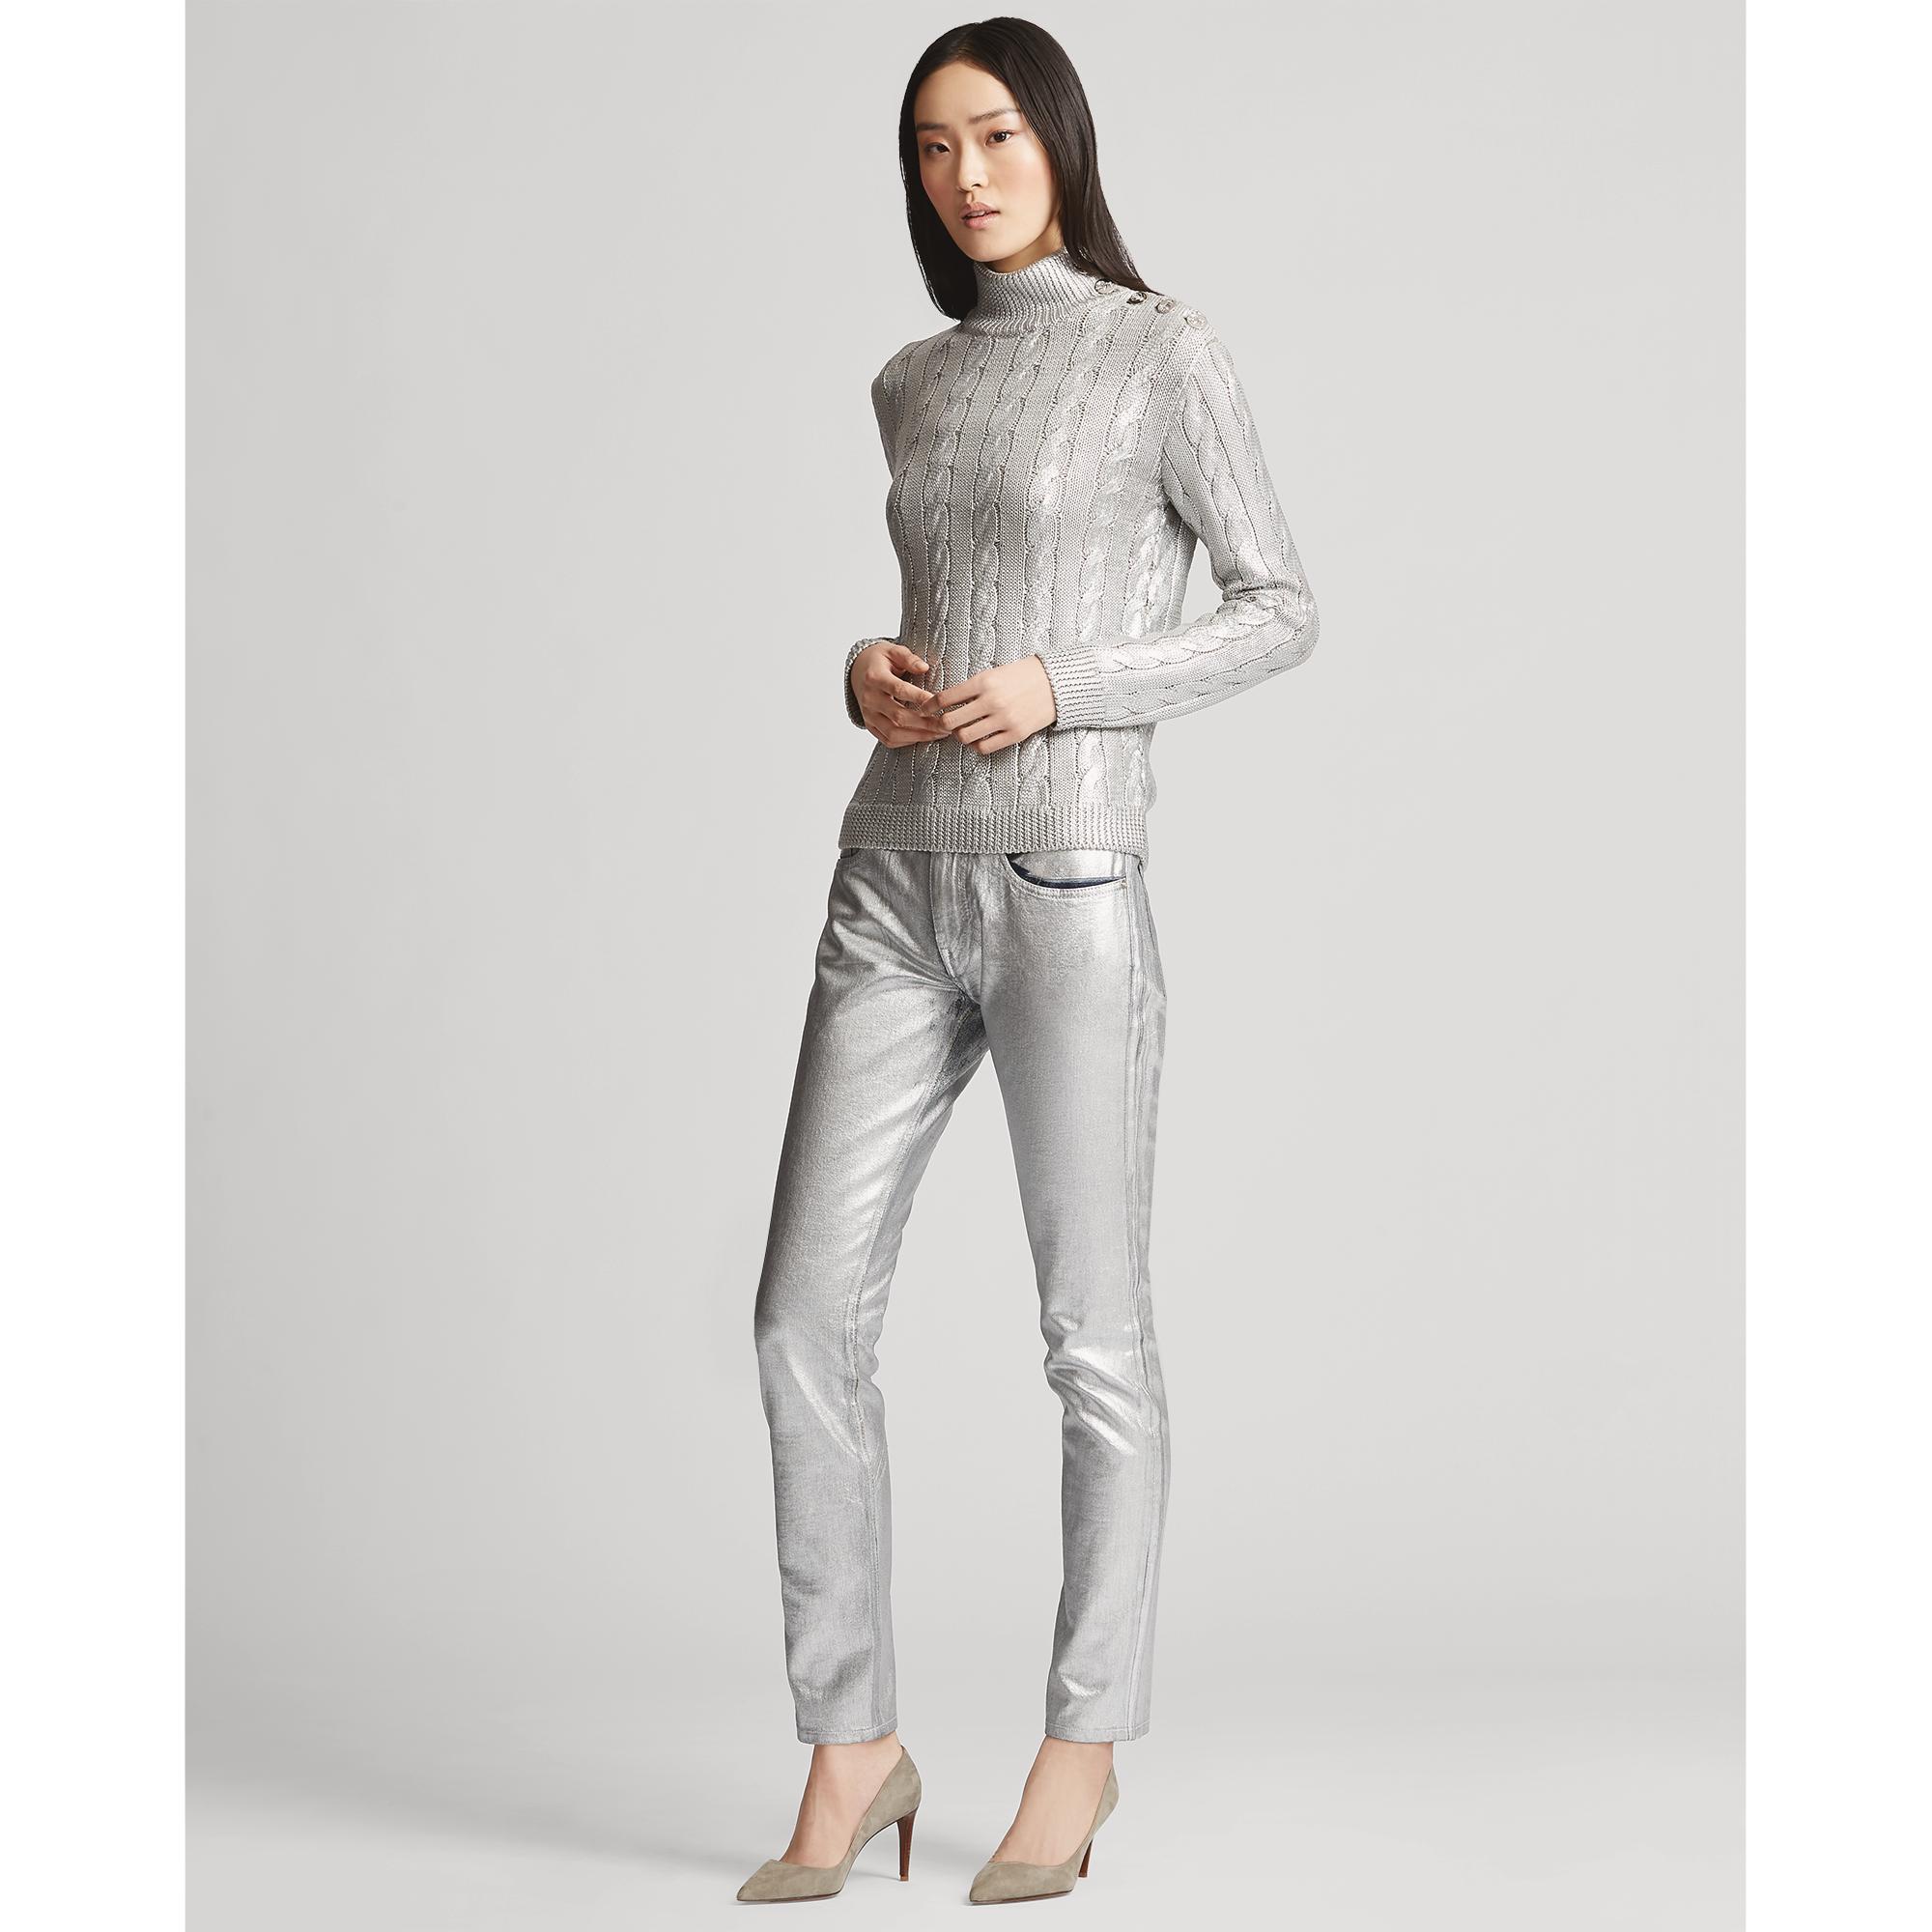 Barton Cotton Silver Skinny Jean